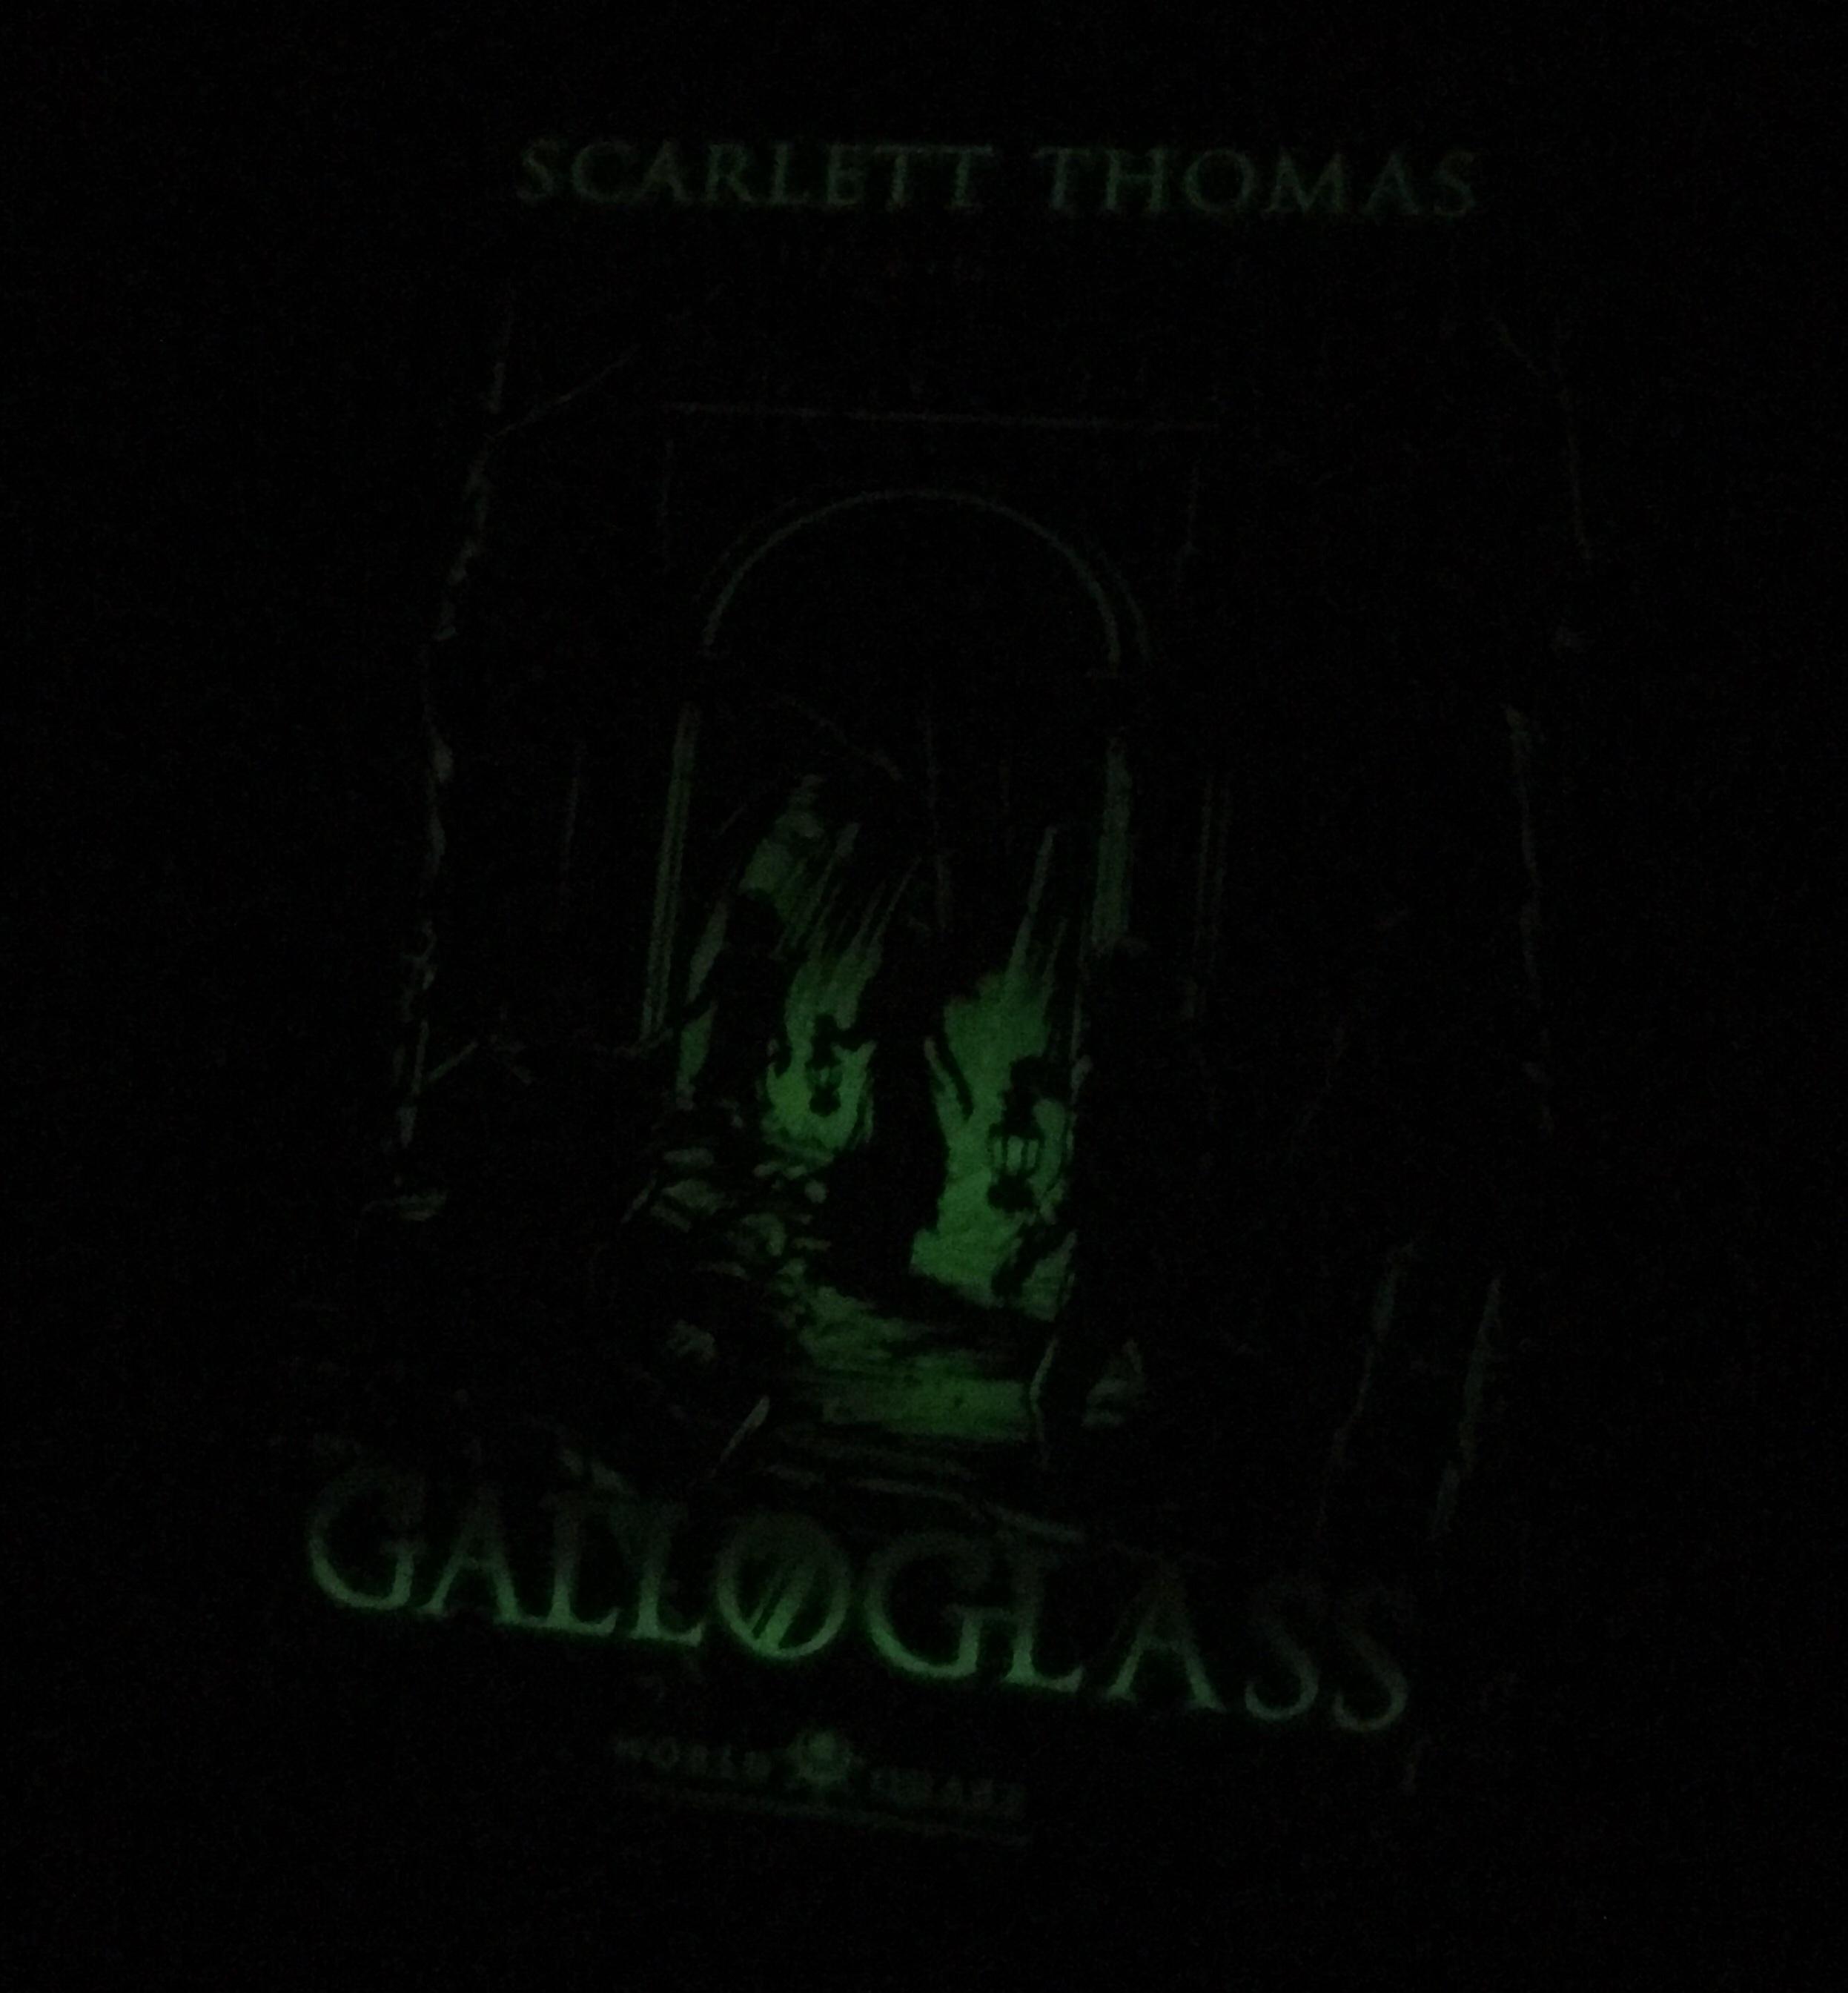 Glow in the Dark Galloglass Cover